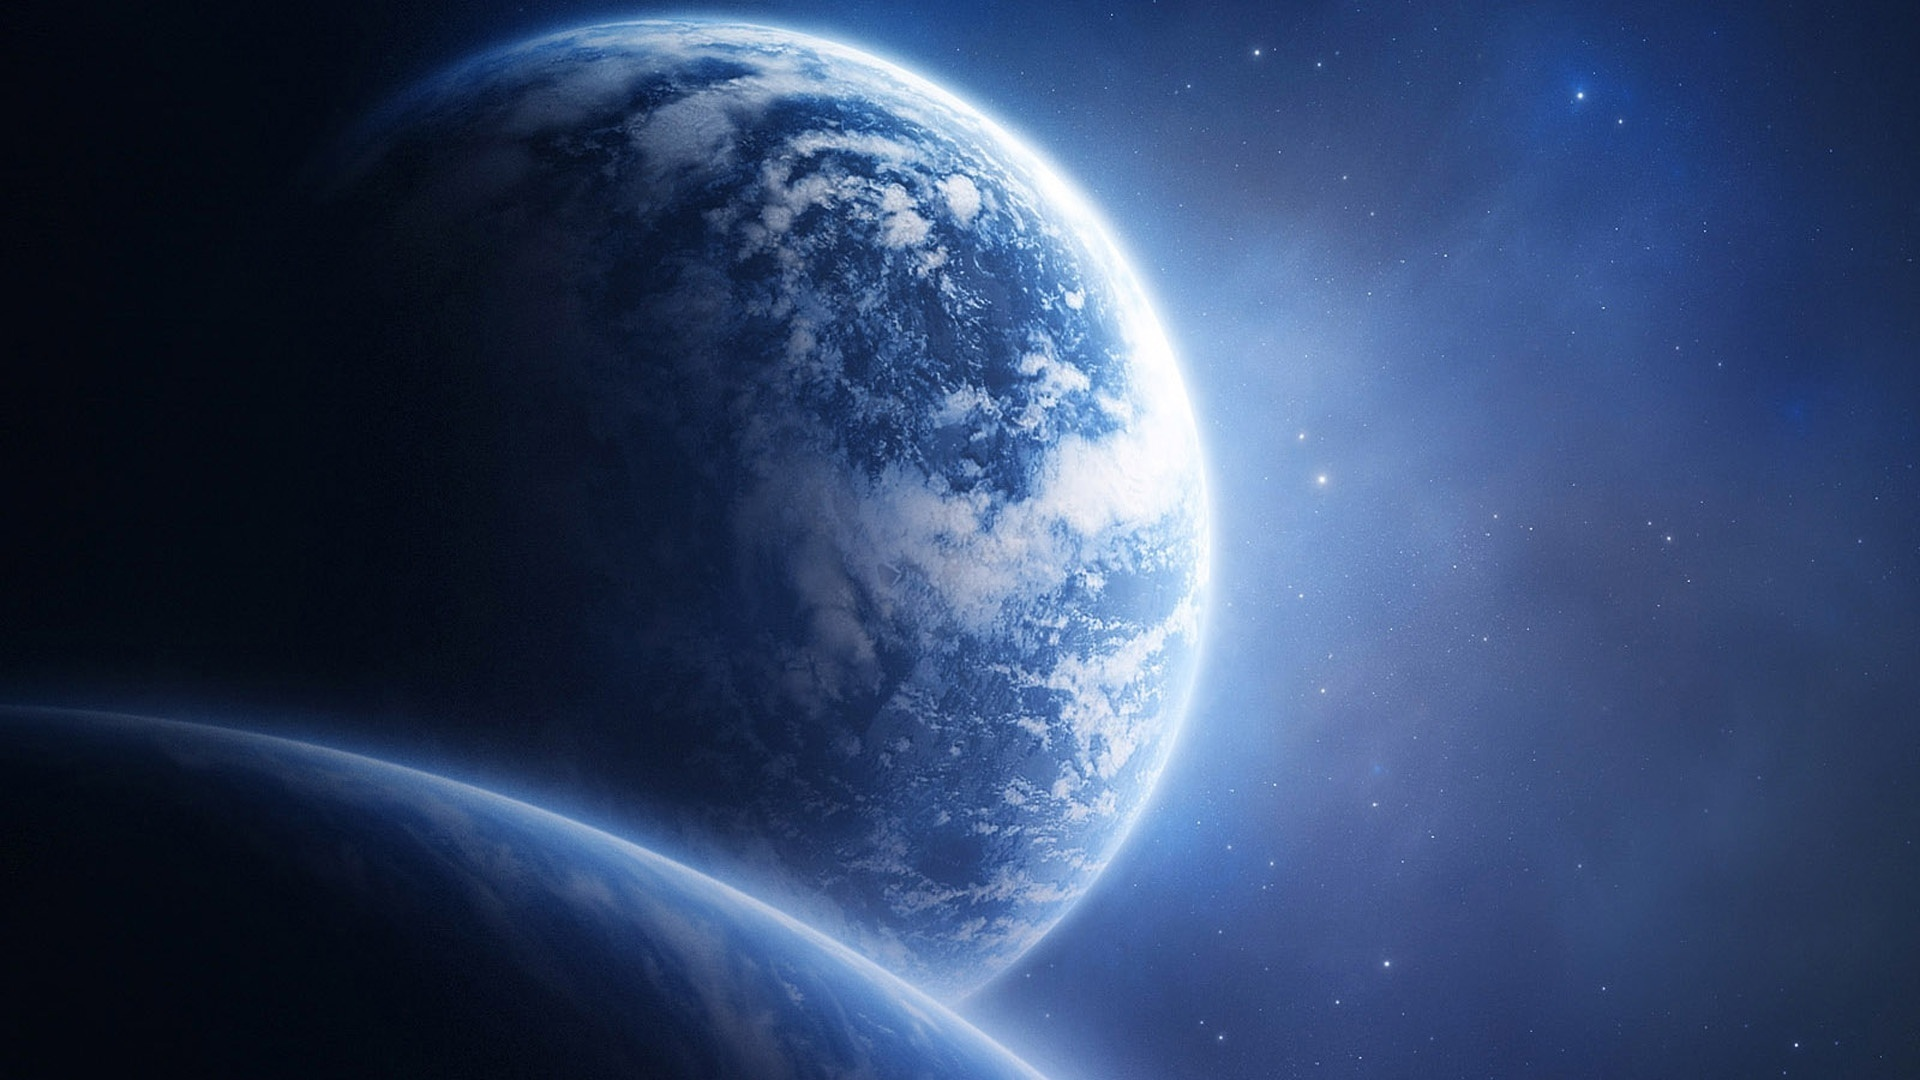 Fonds D Ecran Planete Terre Depuis L Espace 1920x1080 Full